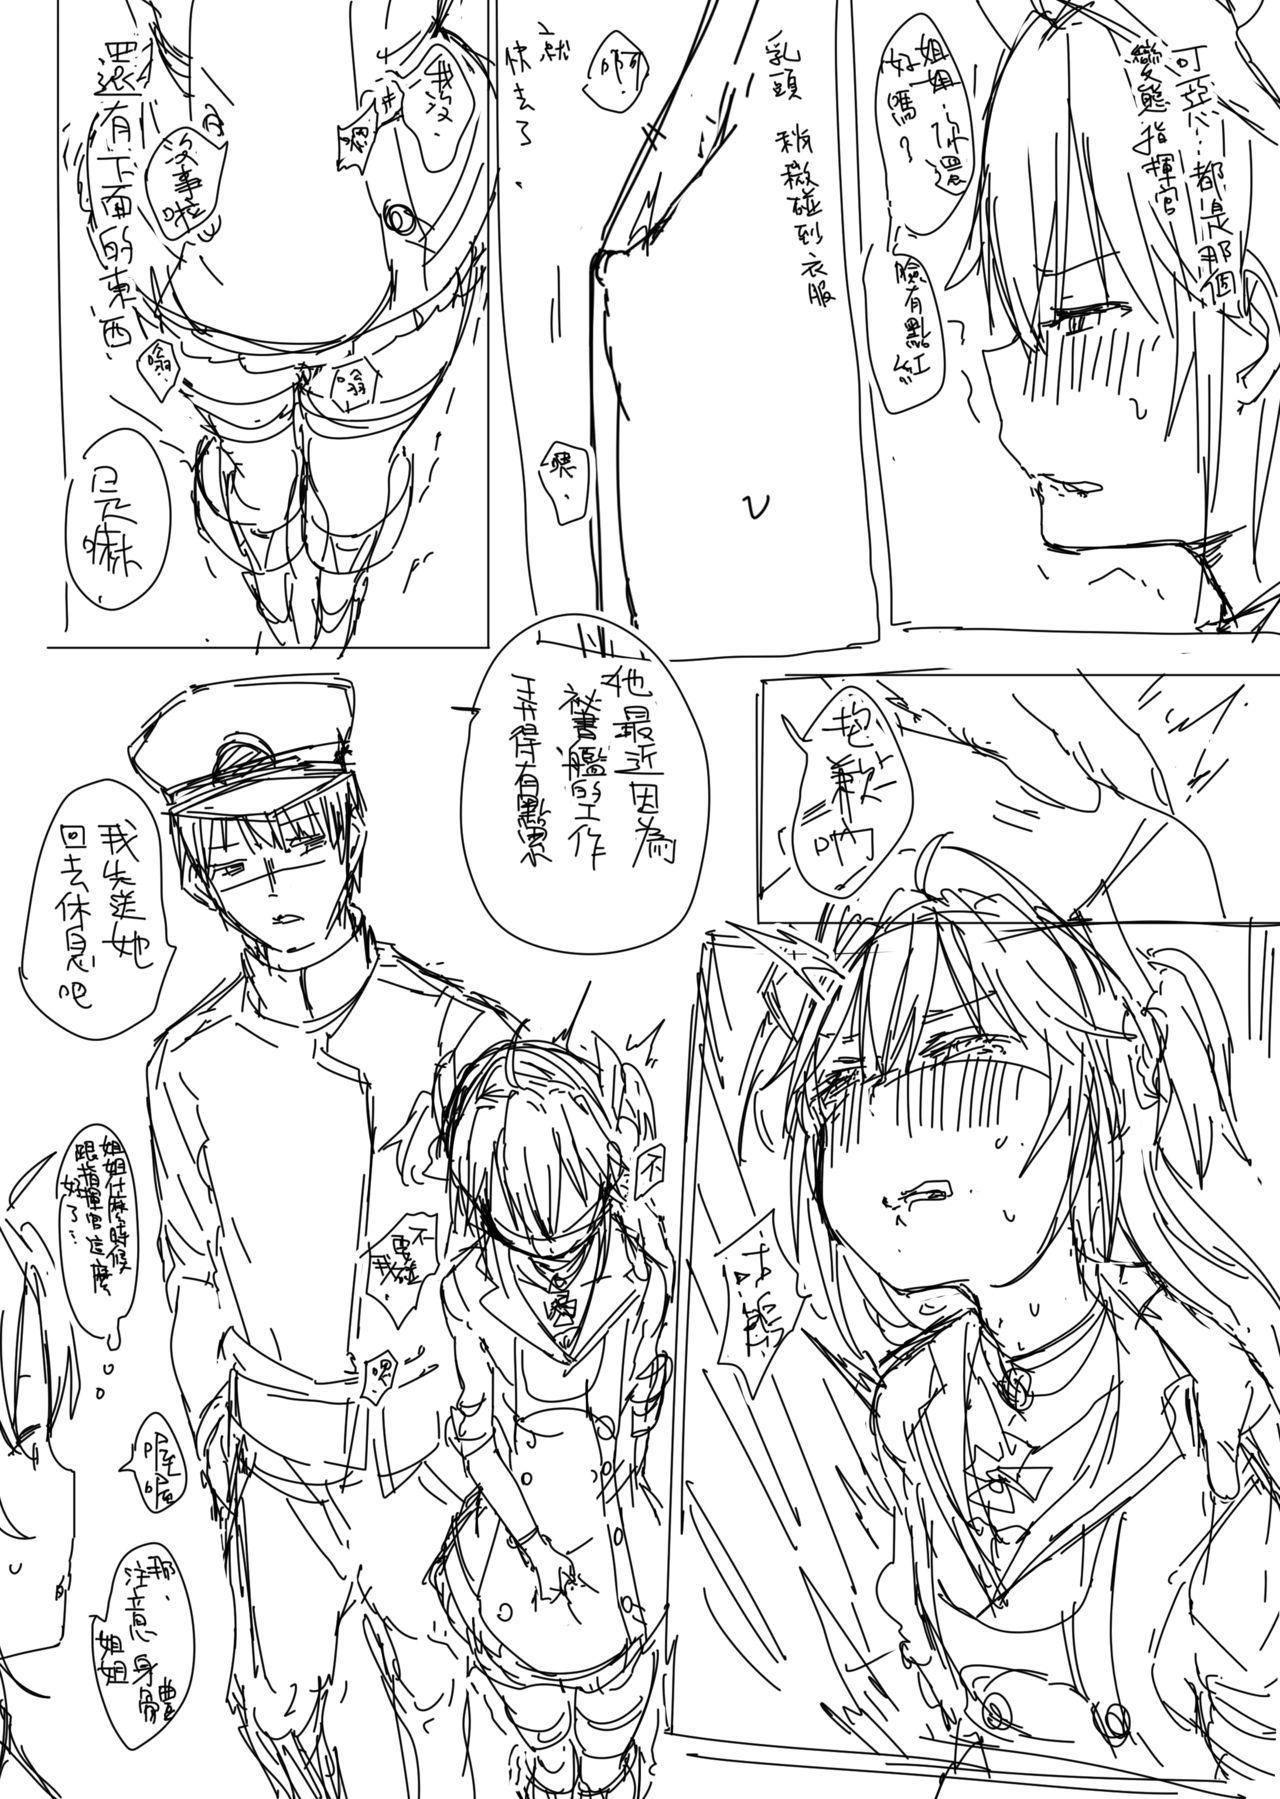 Hipper Rakugaki Manga 18